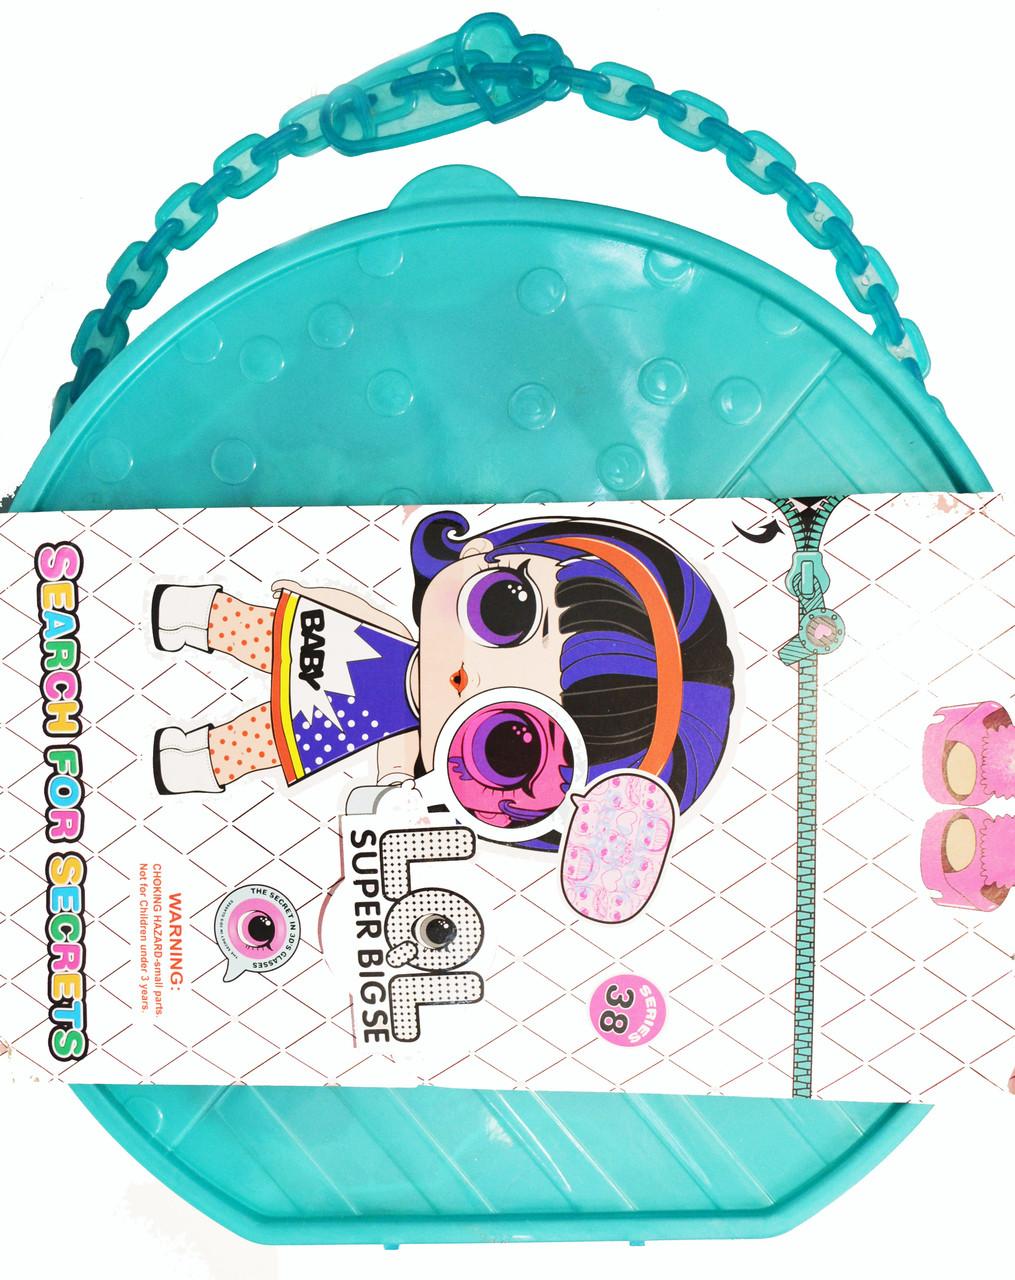 Большой шар сюрприз Big Lol Surprise кукла лол и аксессуары 45+ (series 38) в ассортименте - фото 2